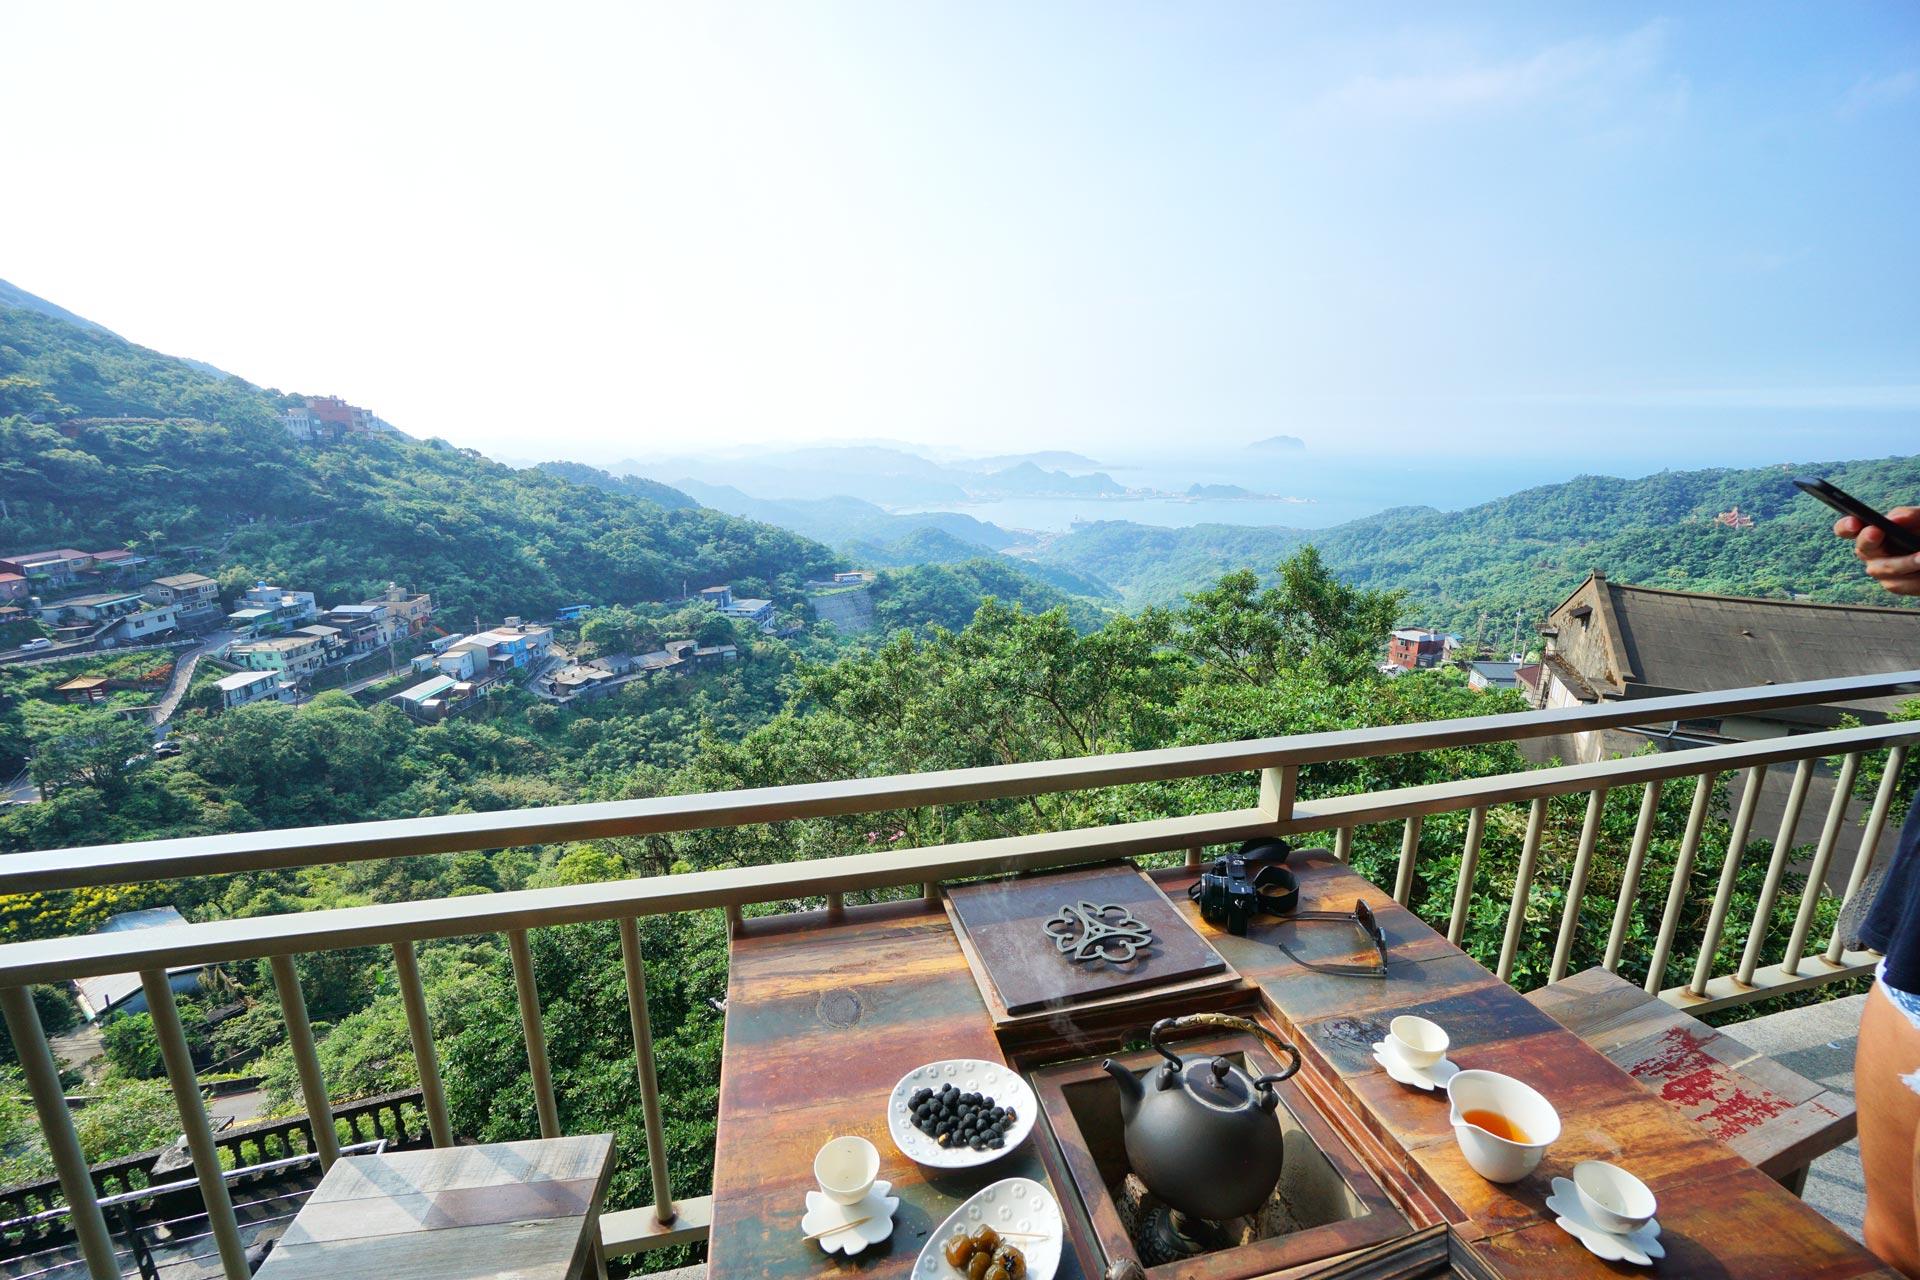 Teegenuss mit Ausblick über Jiufen. Atemberaubende Schönheit bei einer entspannten Tasse Tee.